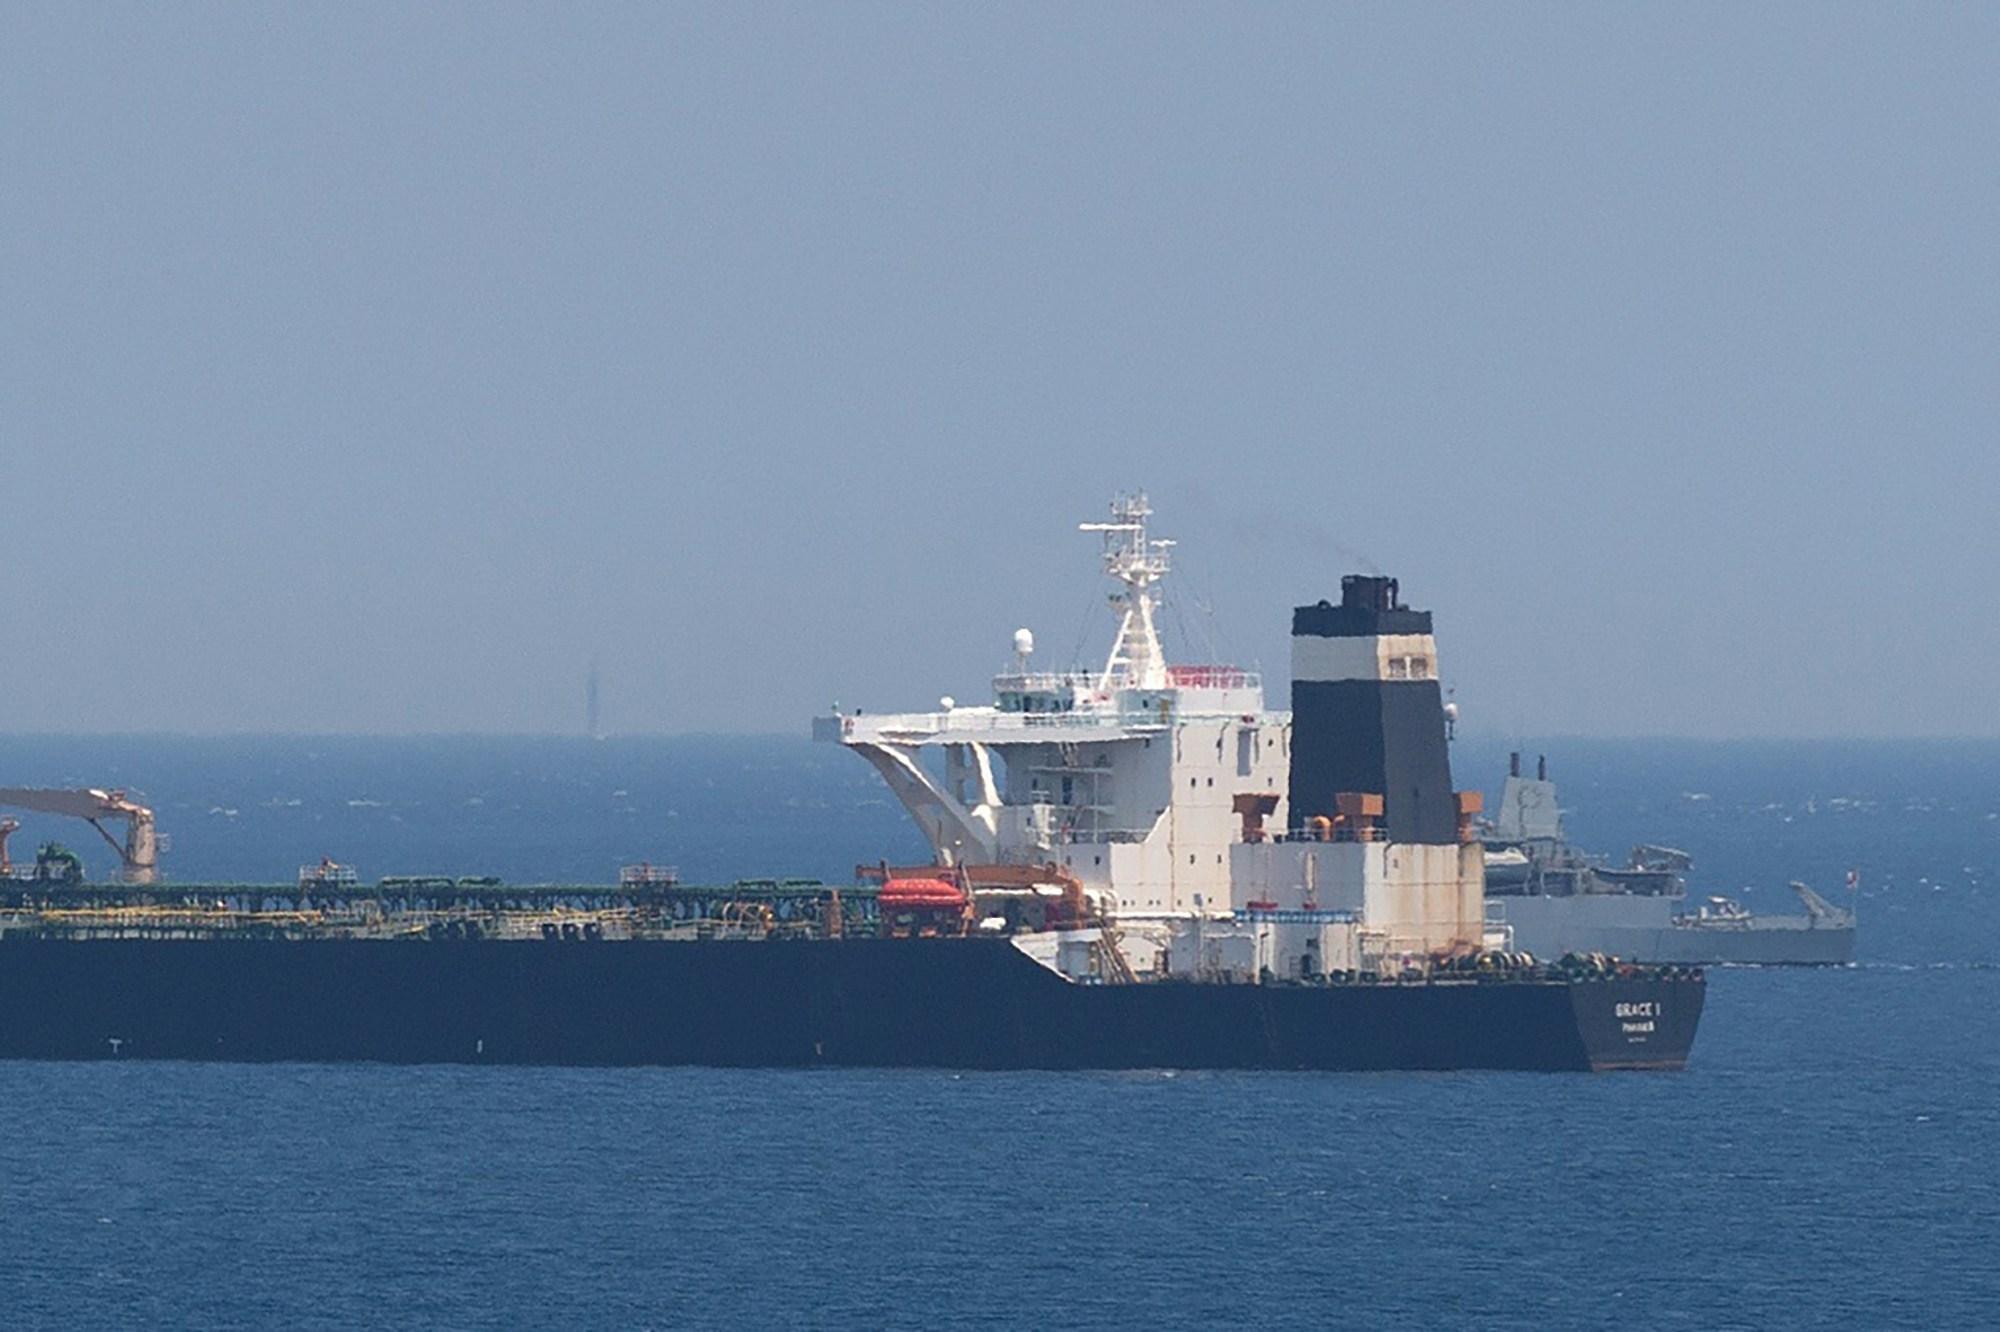 Londres accuse l'Iran d'avoir tenté de saisir un pétrolier britannique dans le détroit d'Ormuz